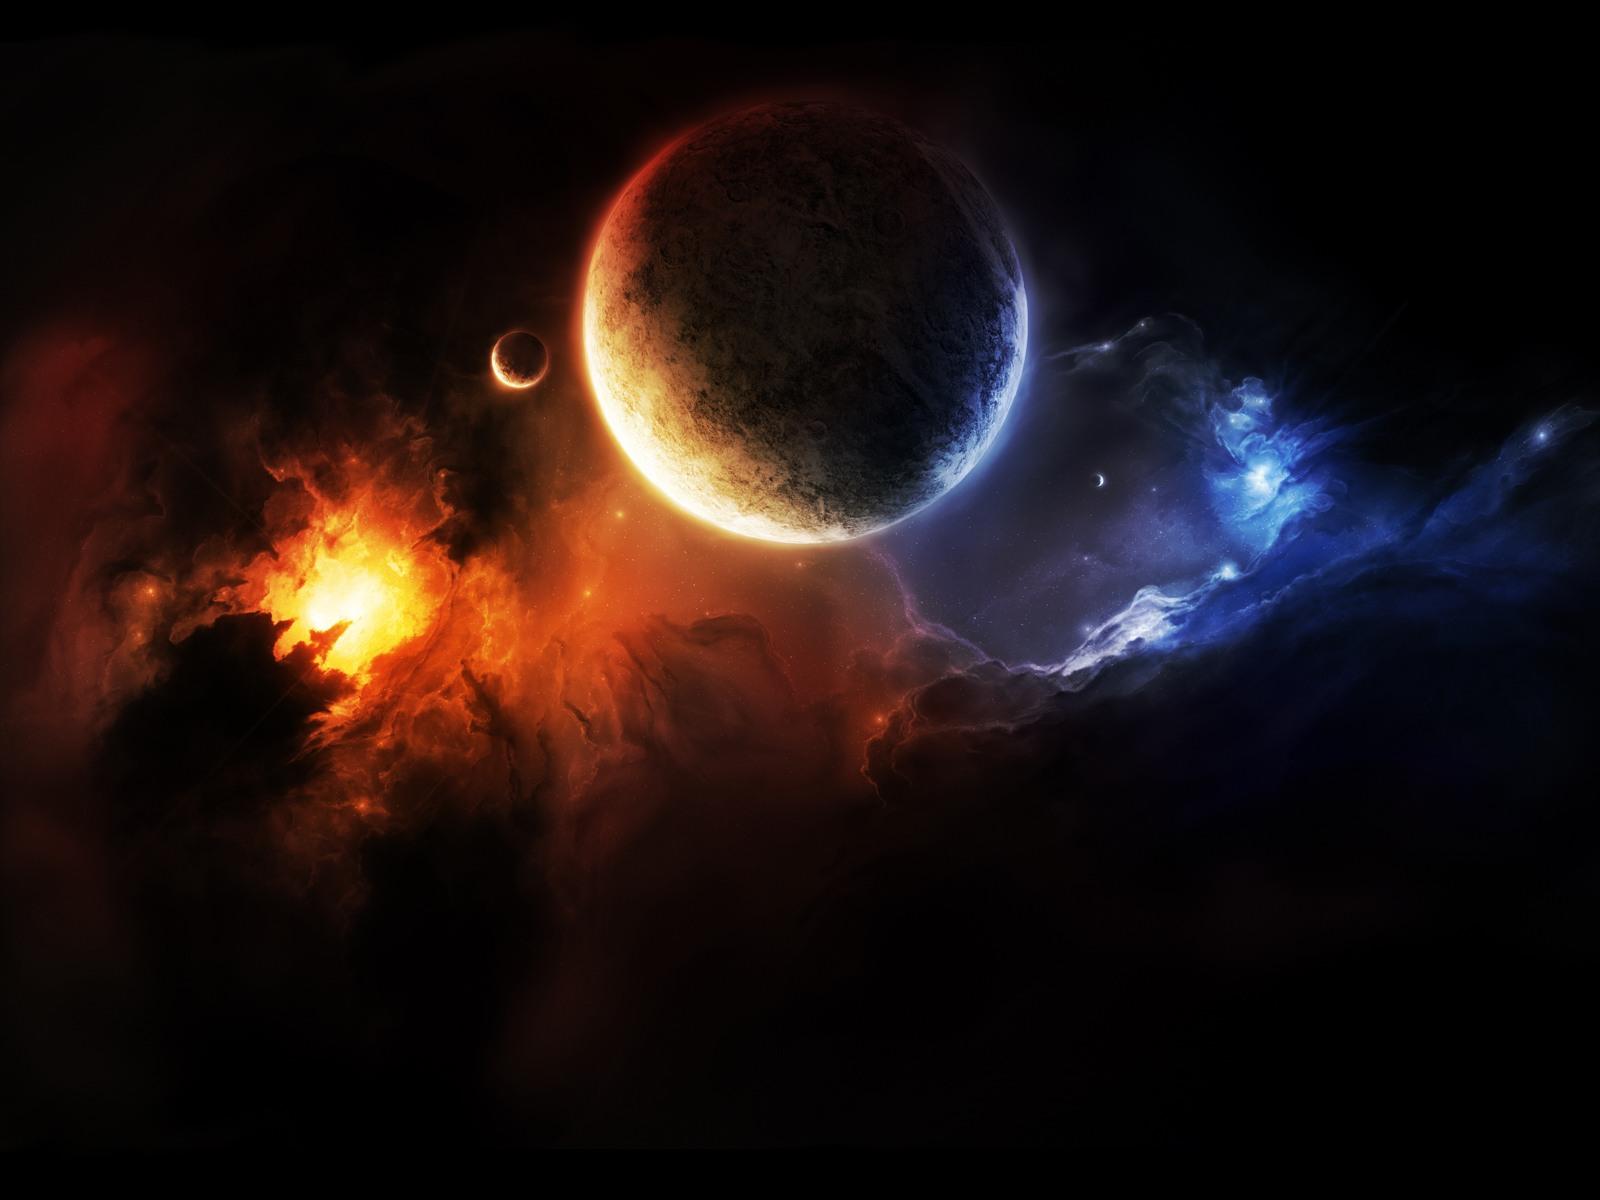 Deep Space desktop wallpaper